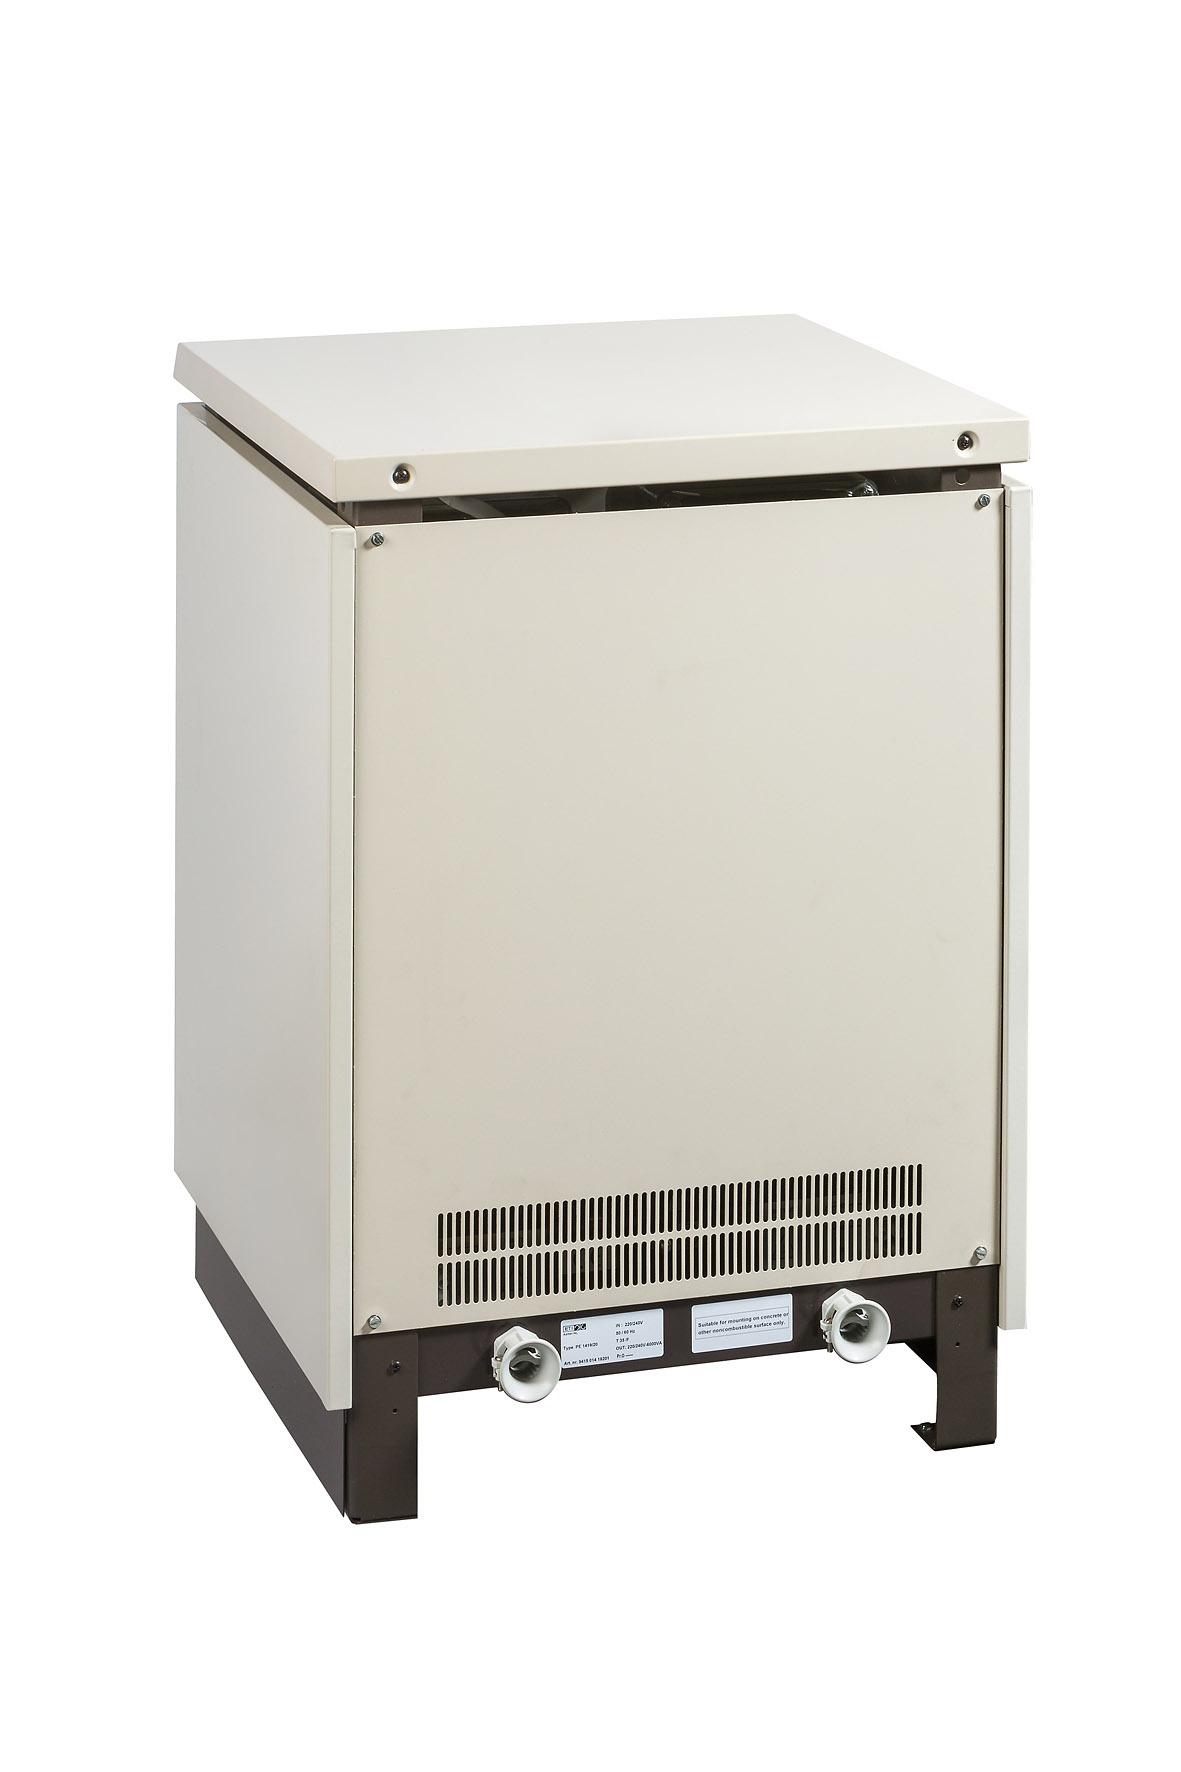 9415 014 19201 (PE1419/20) - Line Conditioner 220V/220V-6000VA